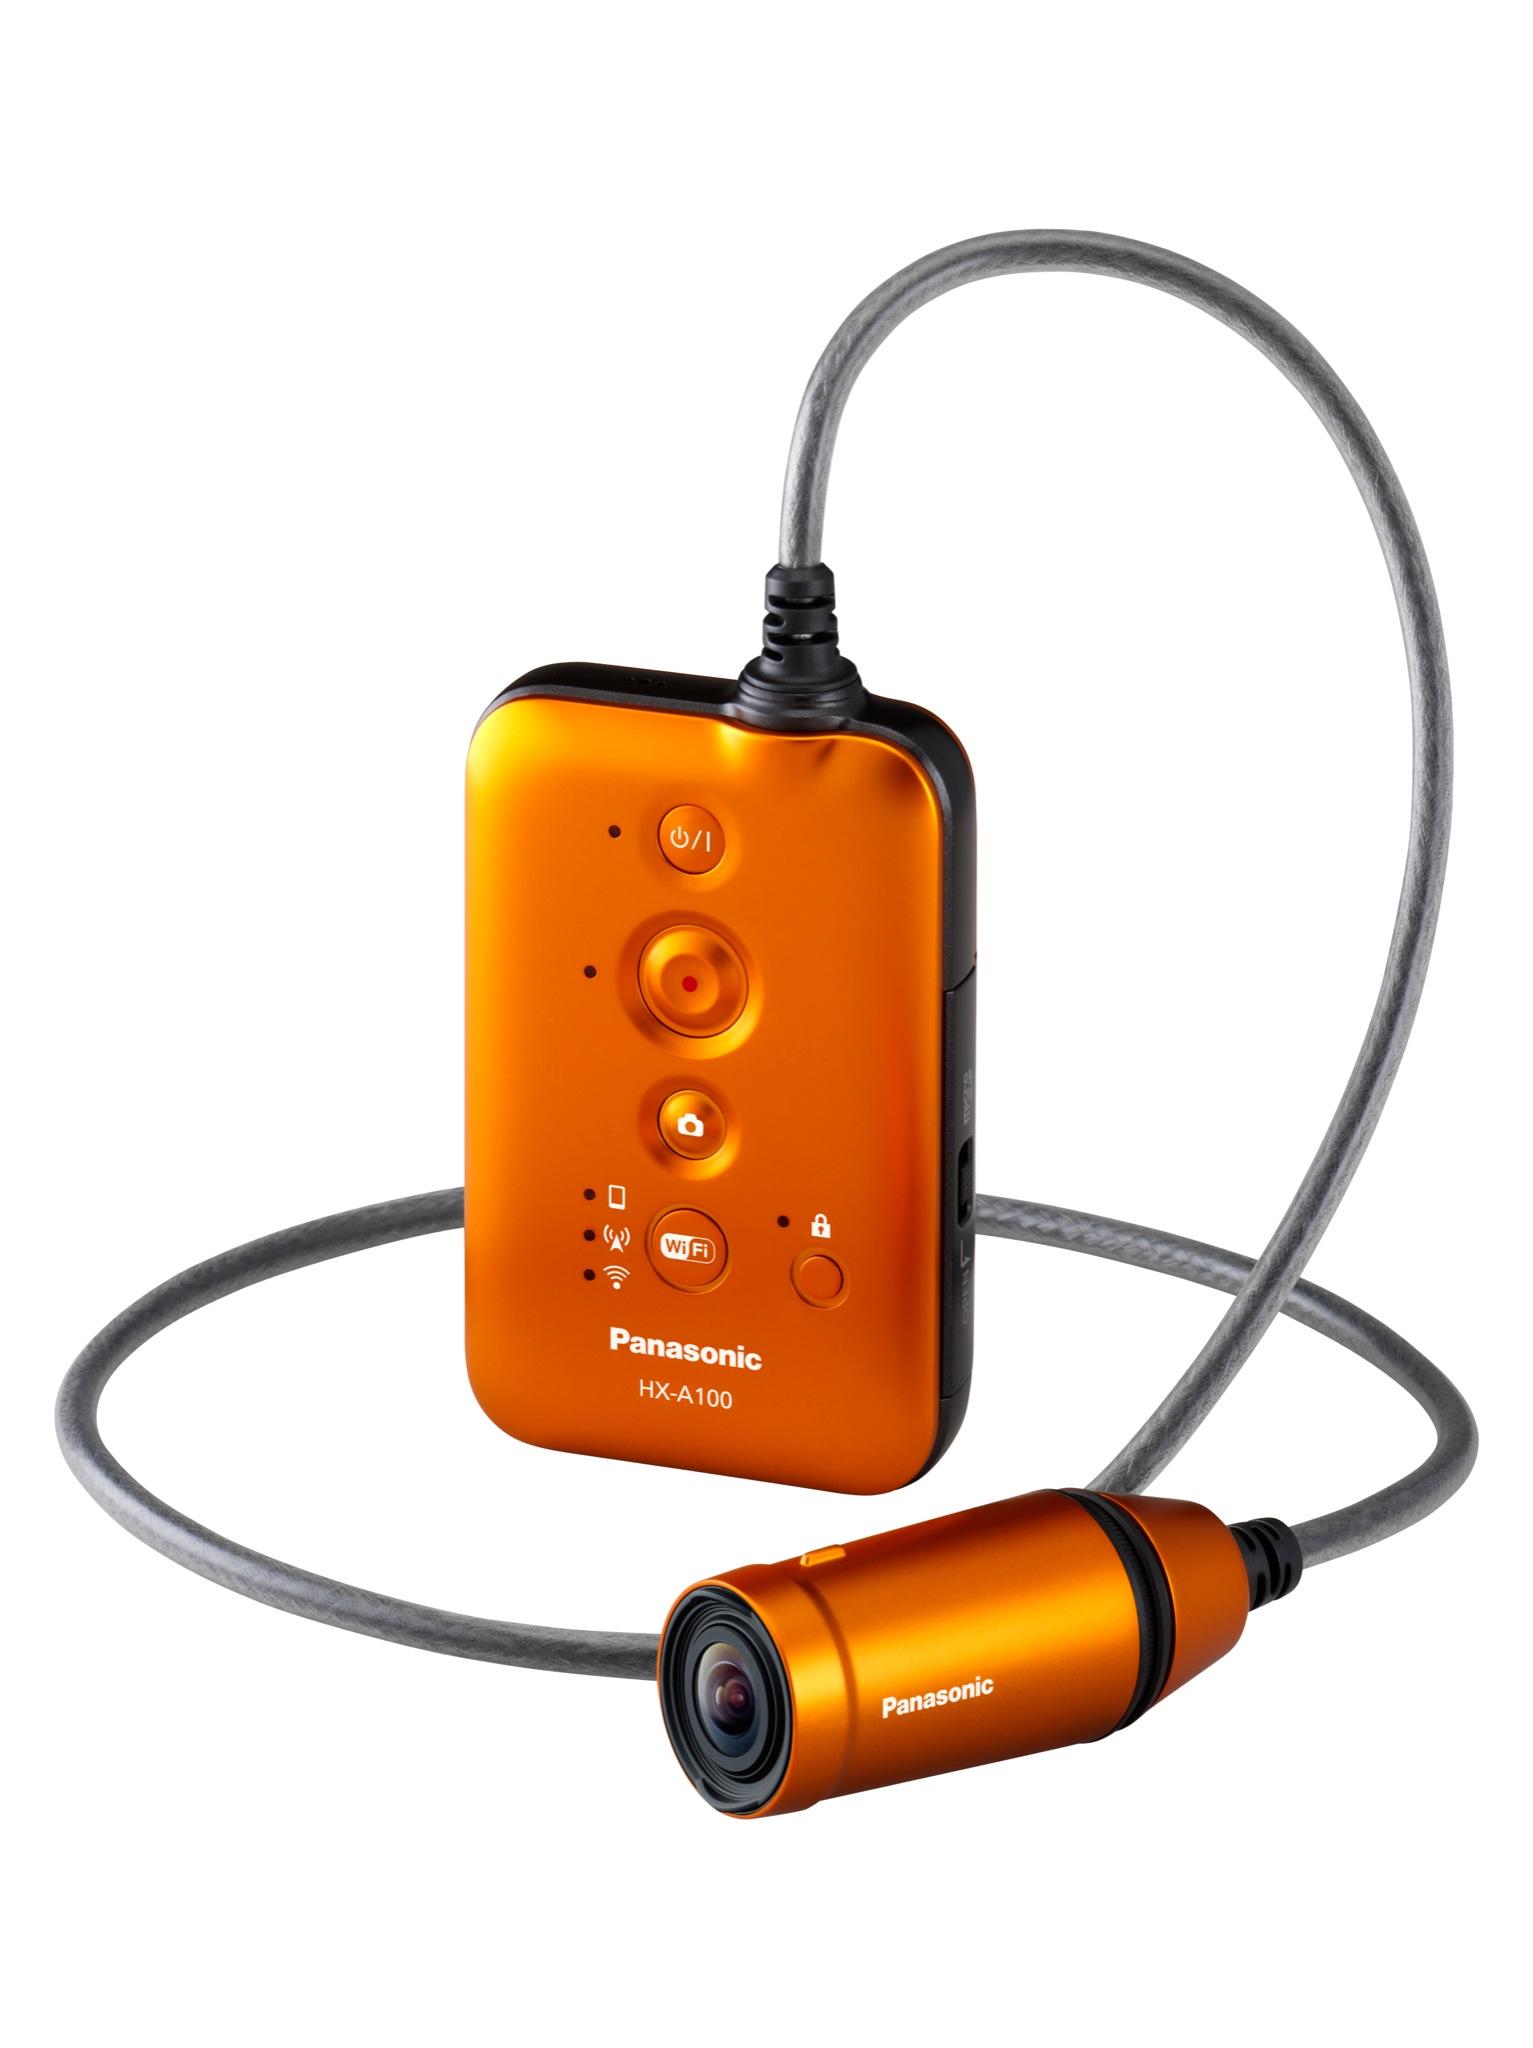 Panasonic HX-A100 (Bild: Panasonic)